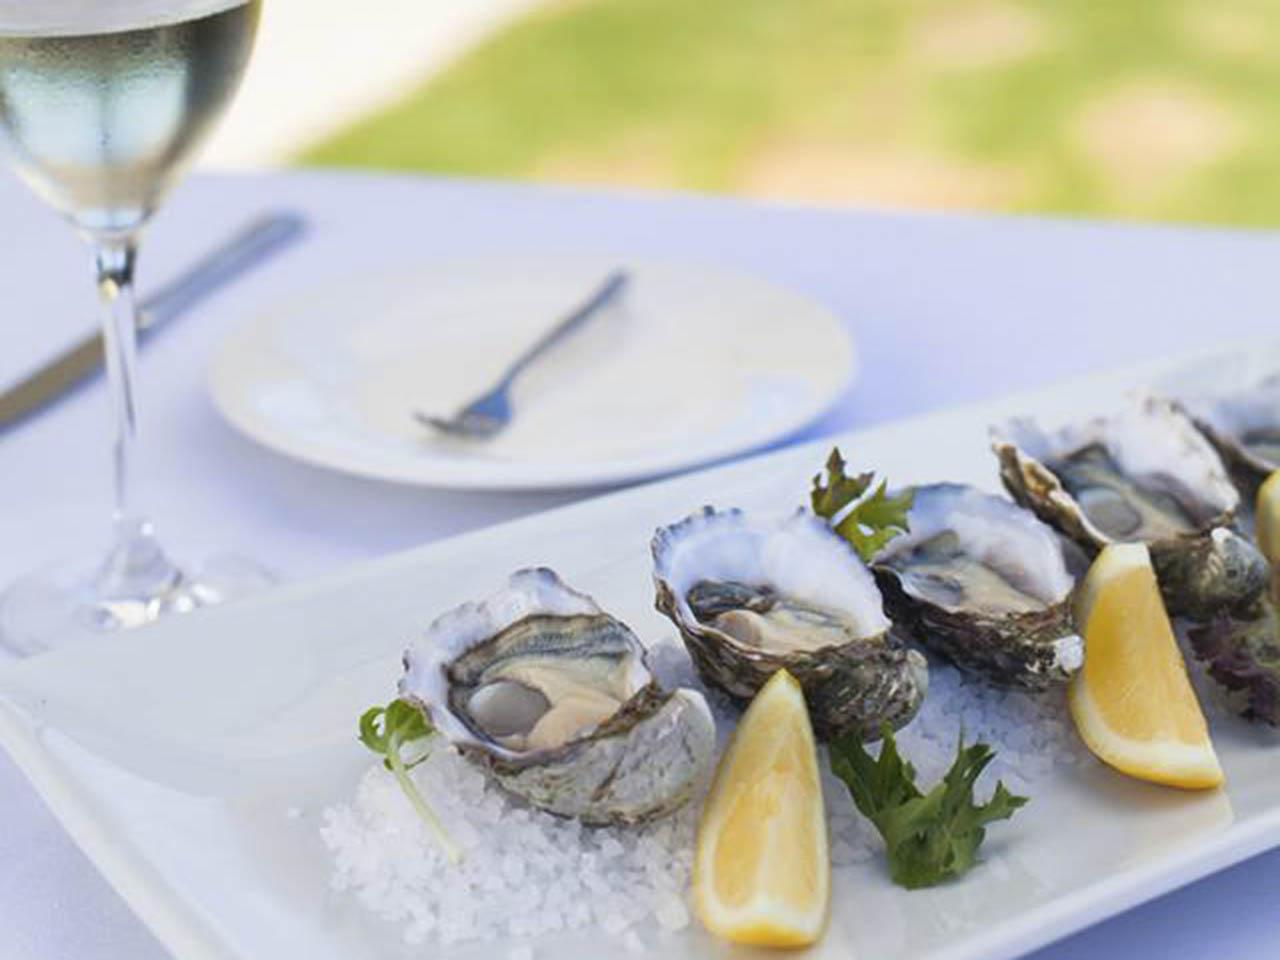 Seafood with Salt and Lemon